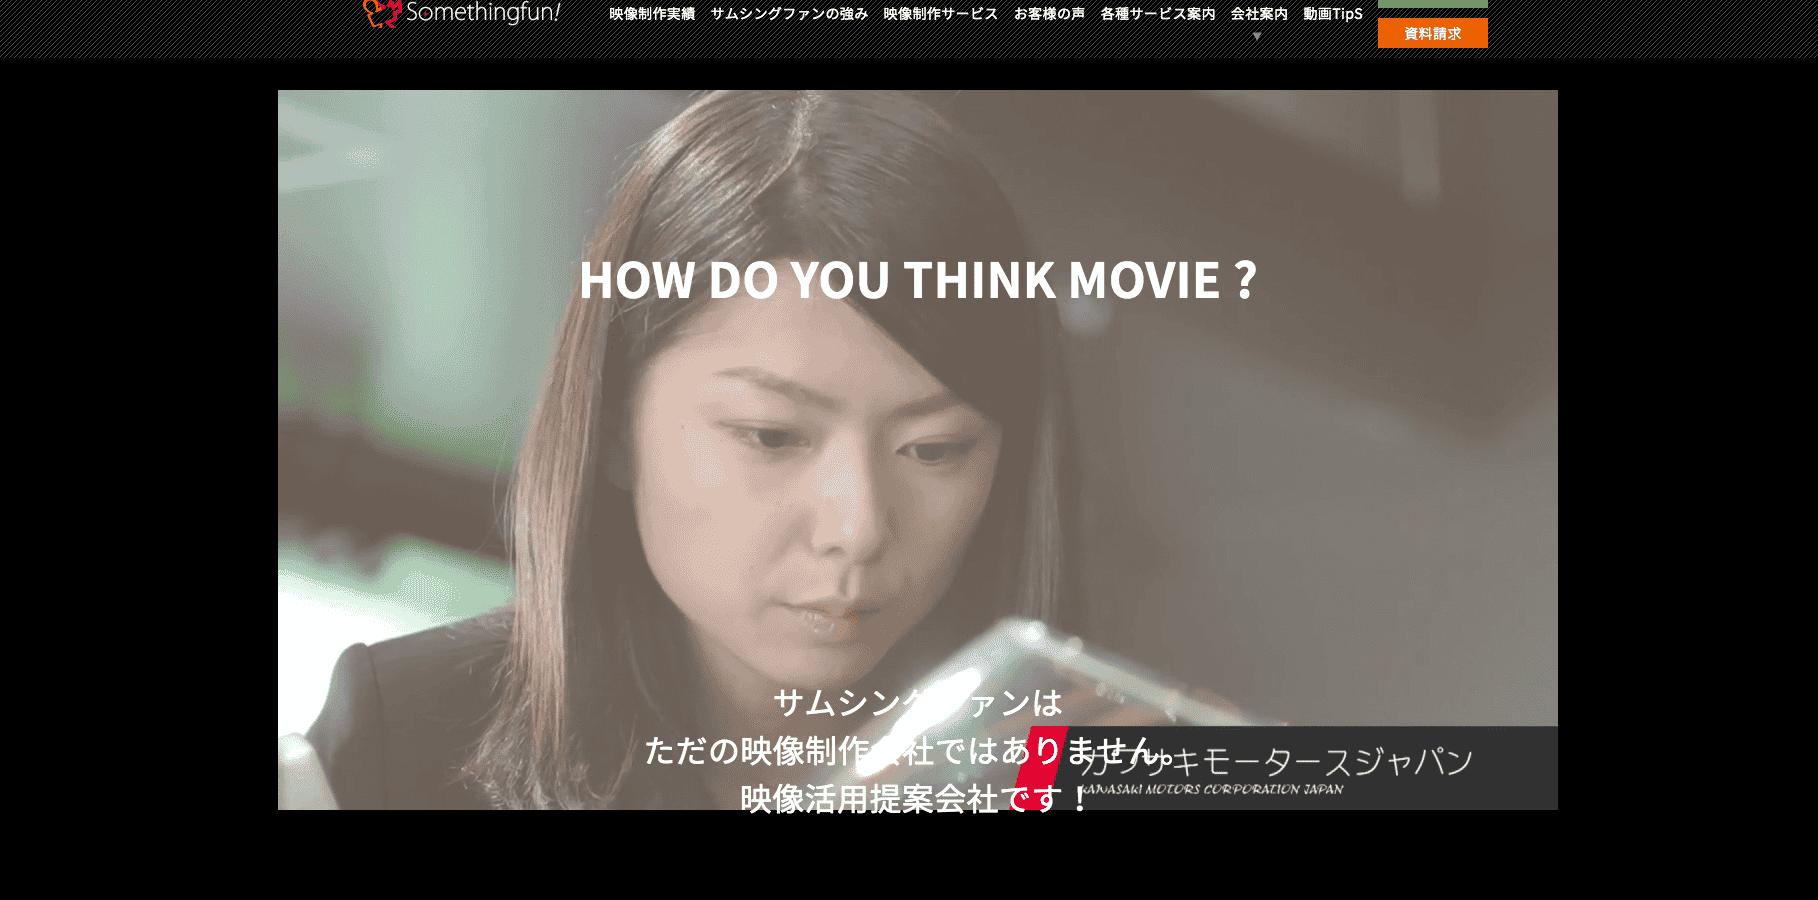 動画制作会社2:サムシングファン